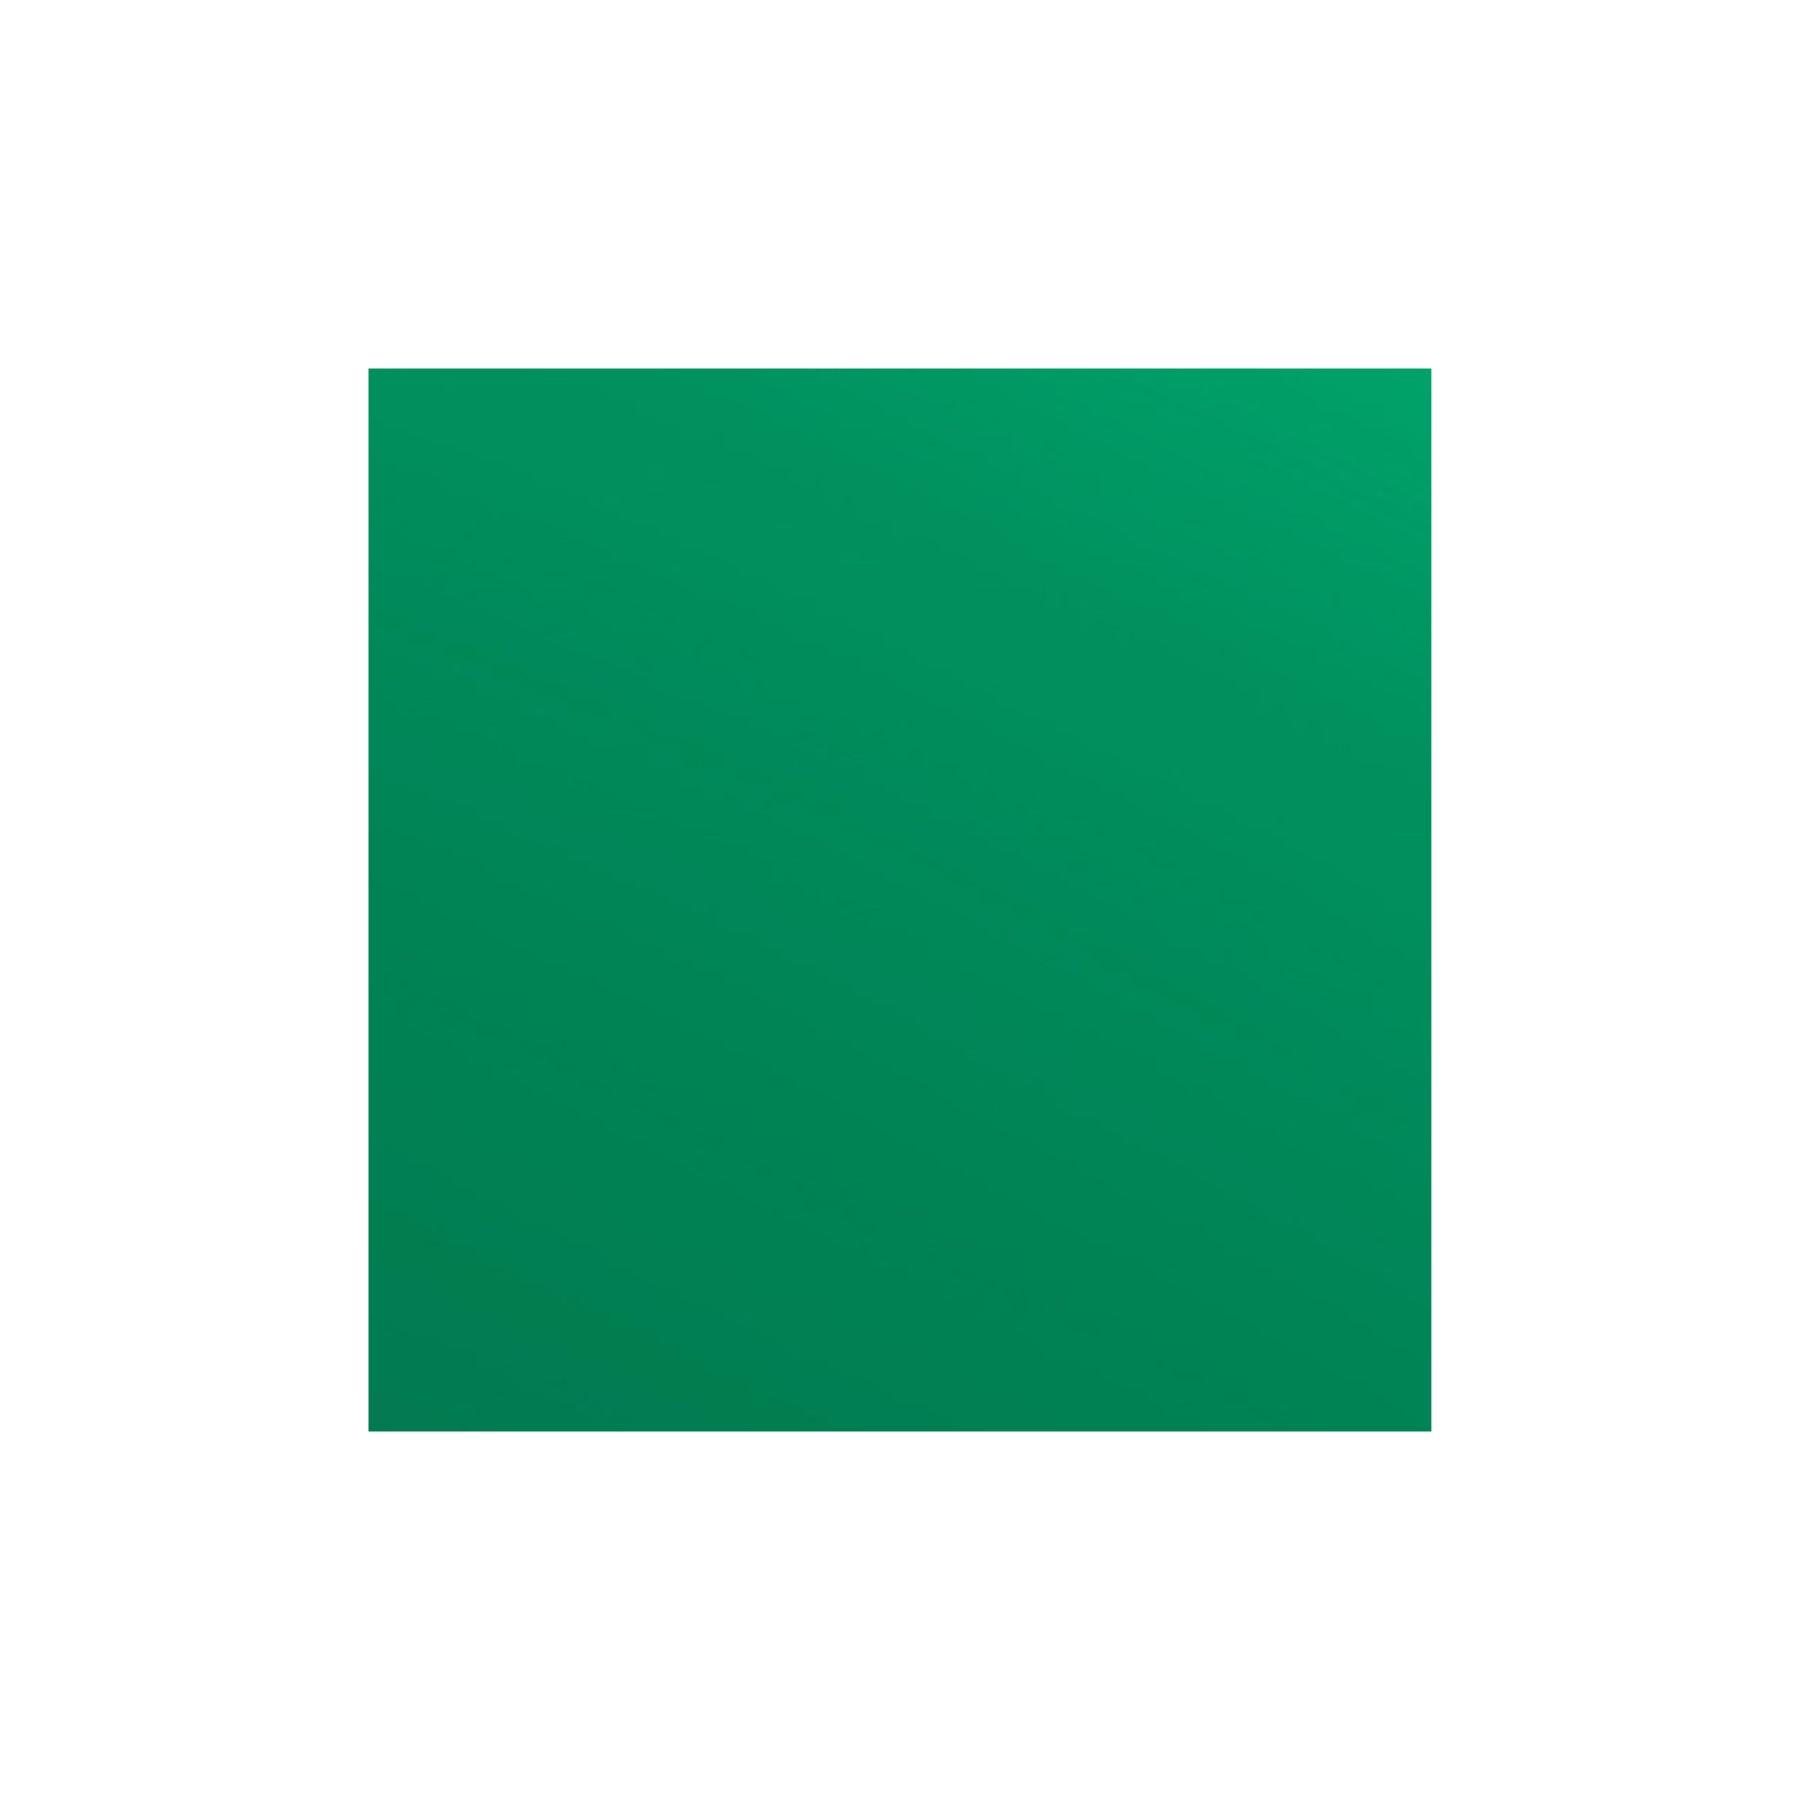 Vinilo textil Easyweed® Electric hoja 30 x 38 cm Verde